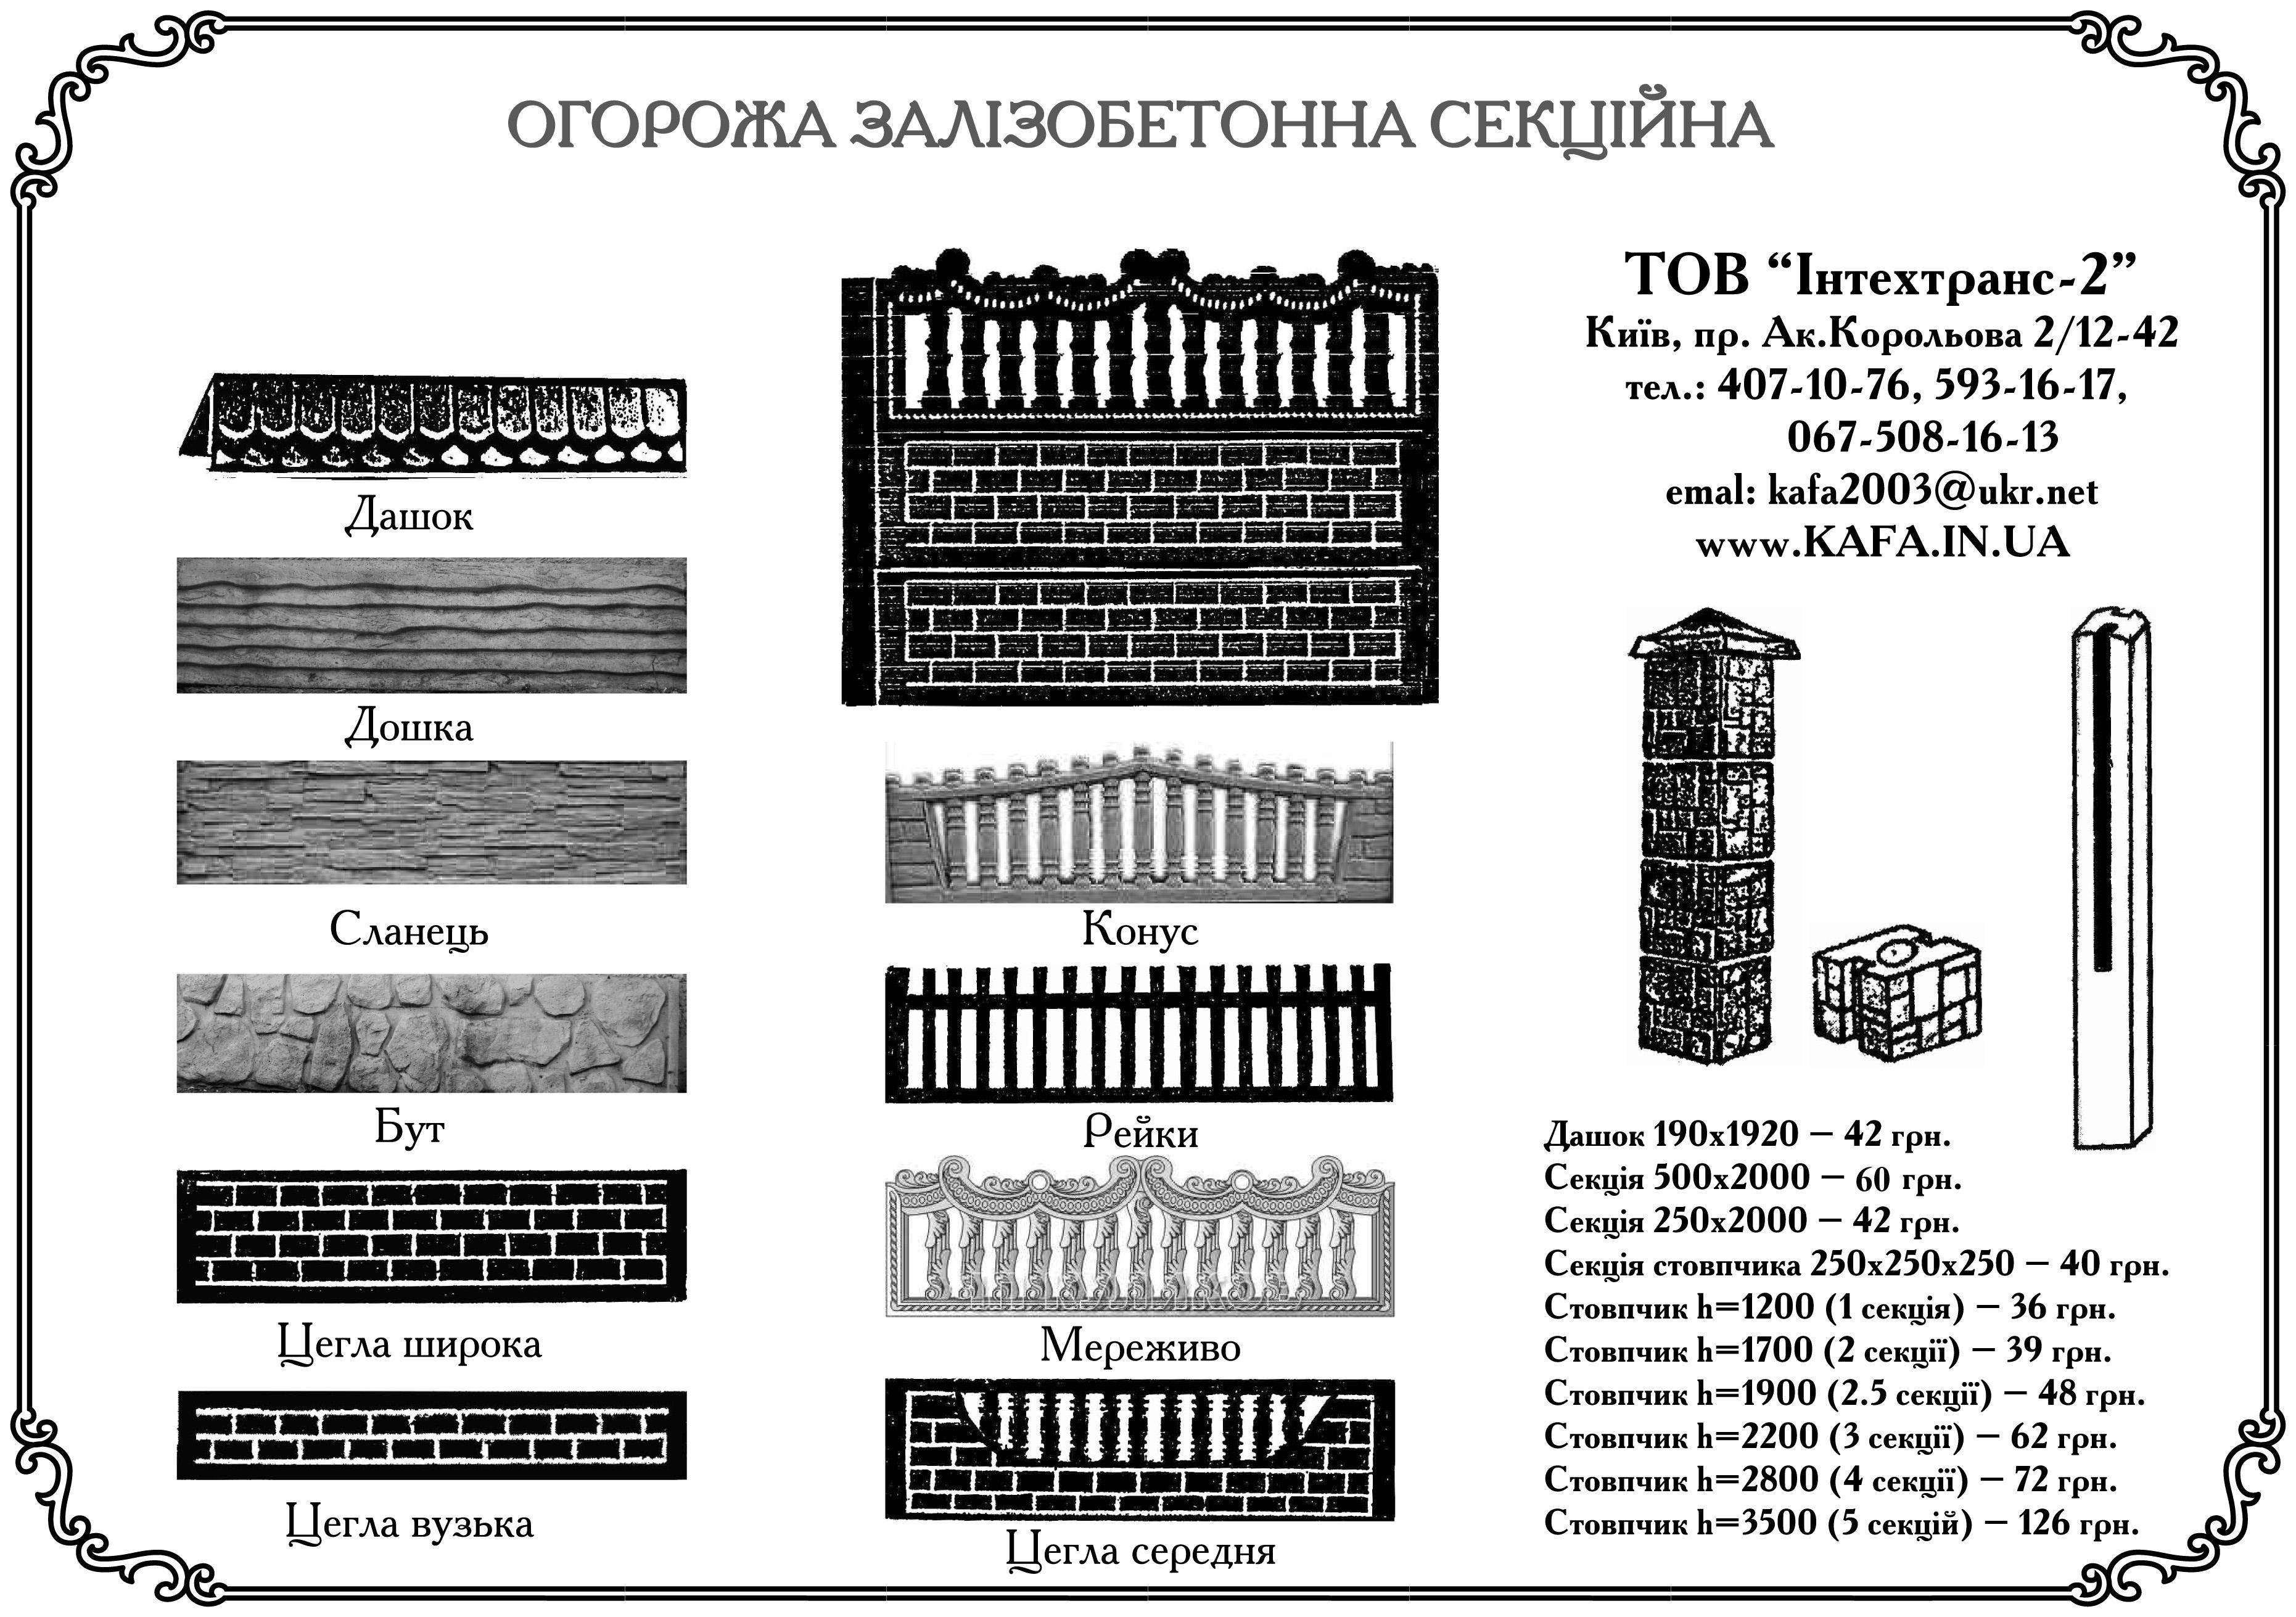 Забори декоративні збірні ЗБ, Огорожі, Секції, Стовпчики.